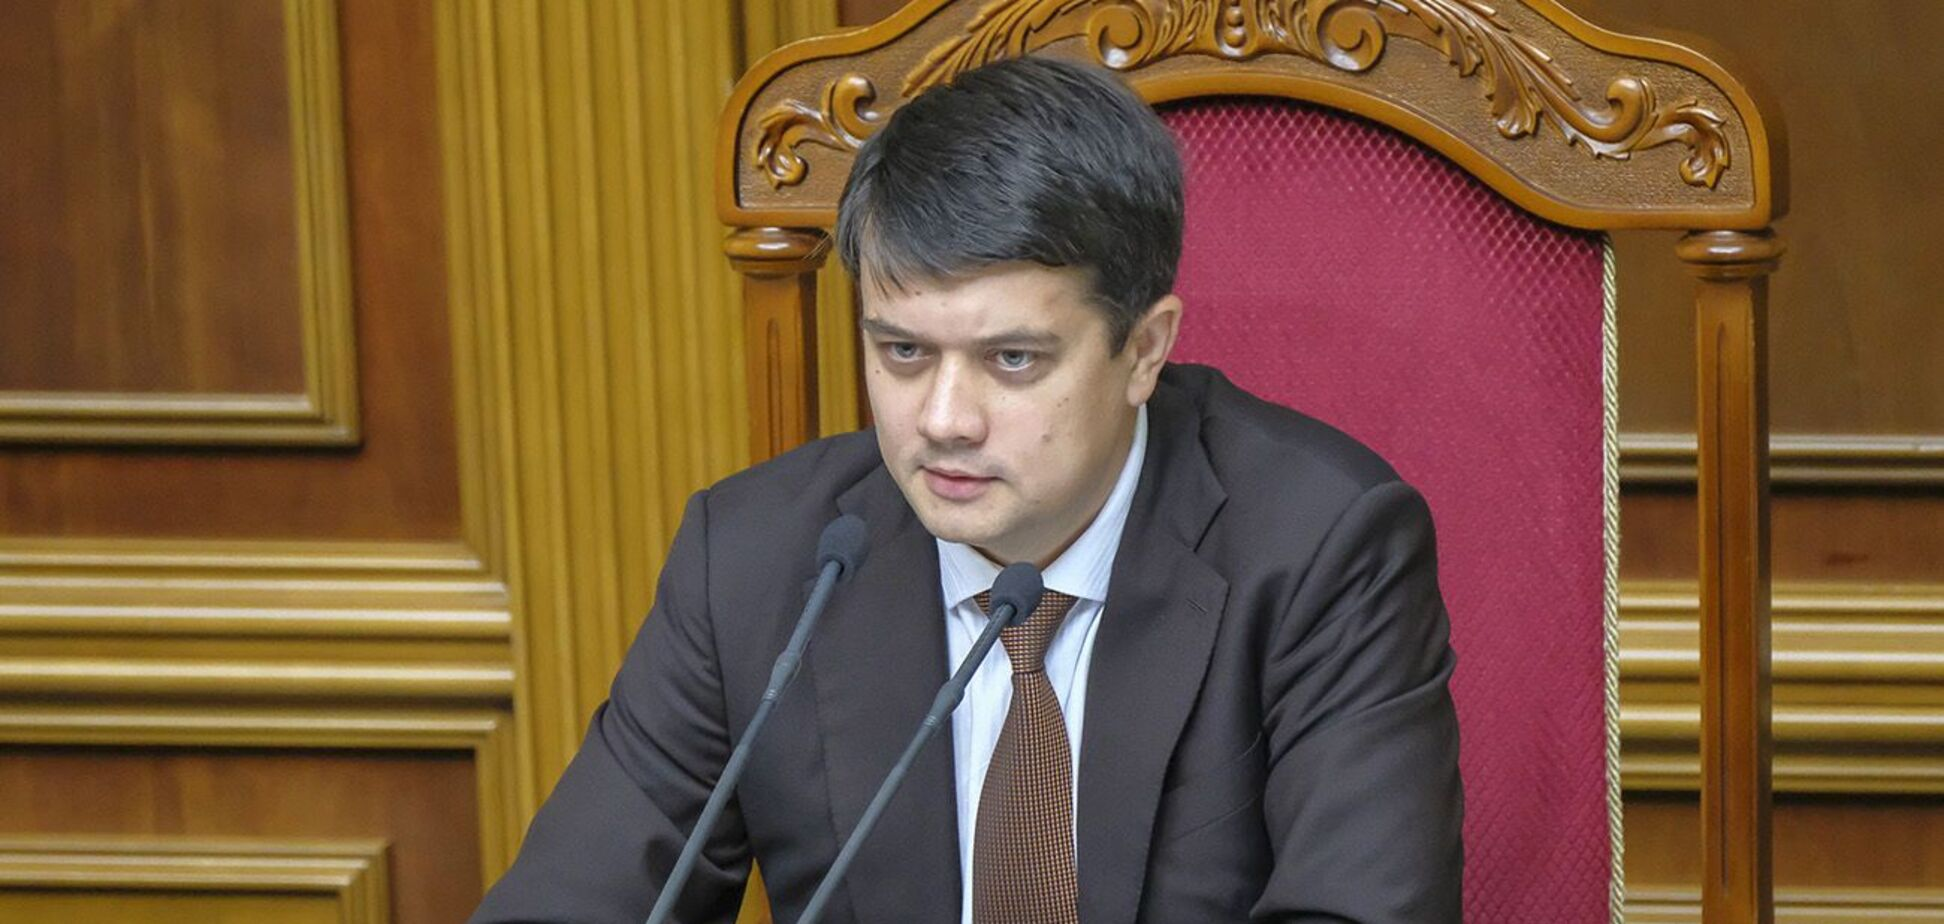 Проведение аудита было одной из составляющих предвыборной кампании президента и партии 'Слуга народа', – Разумков